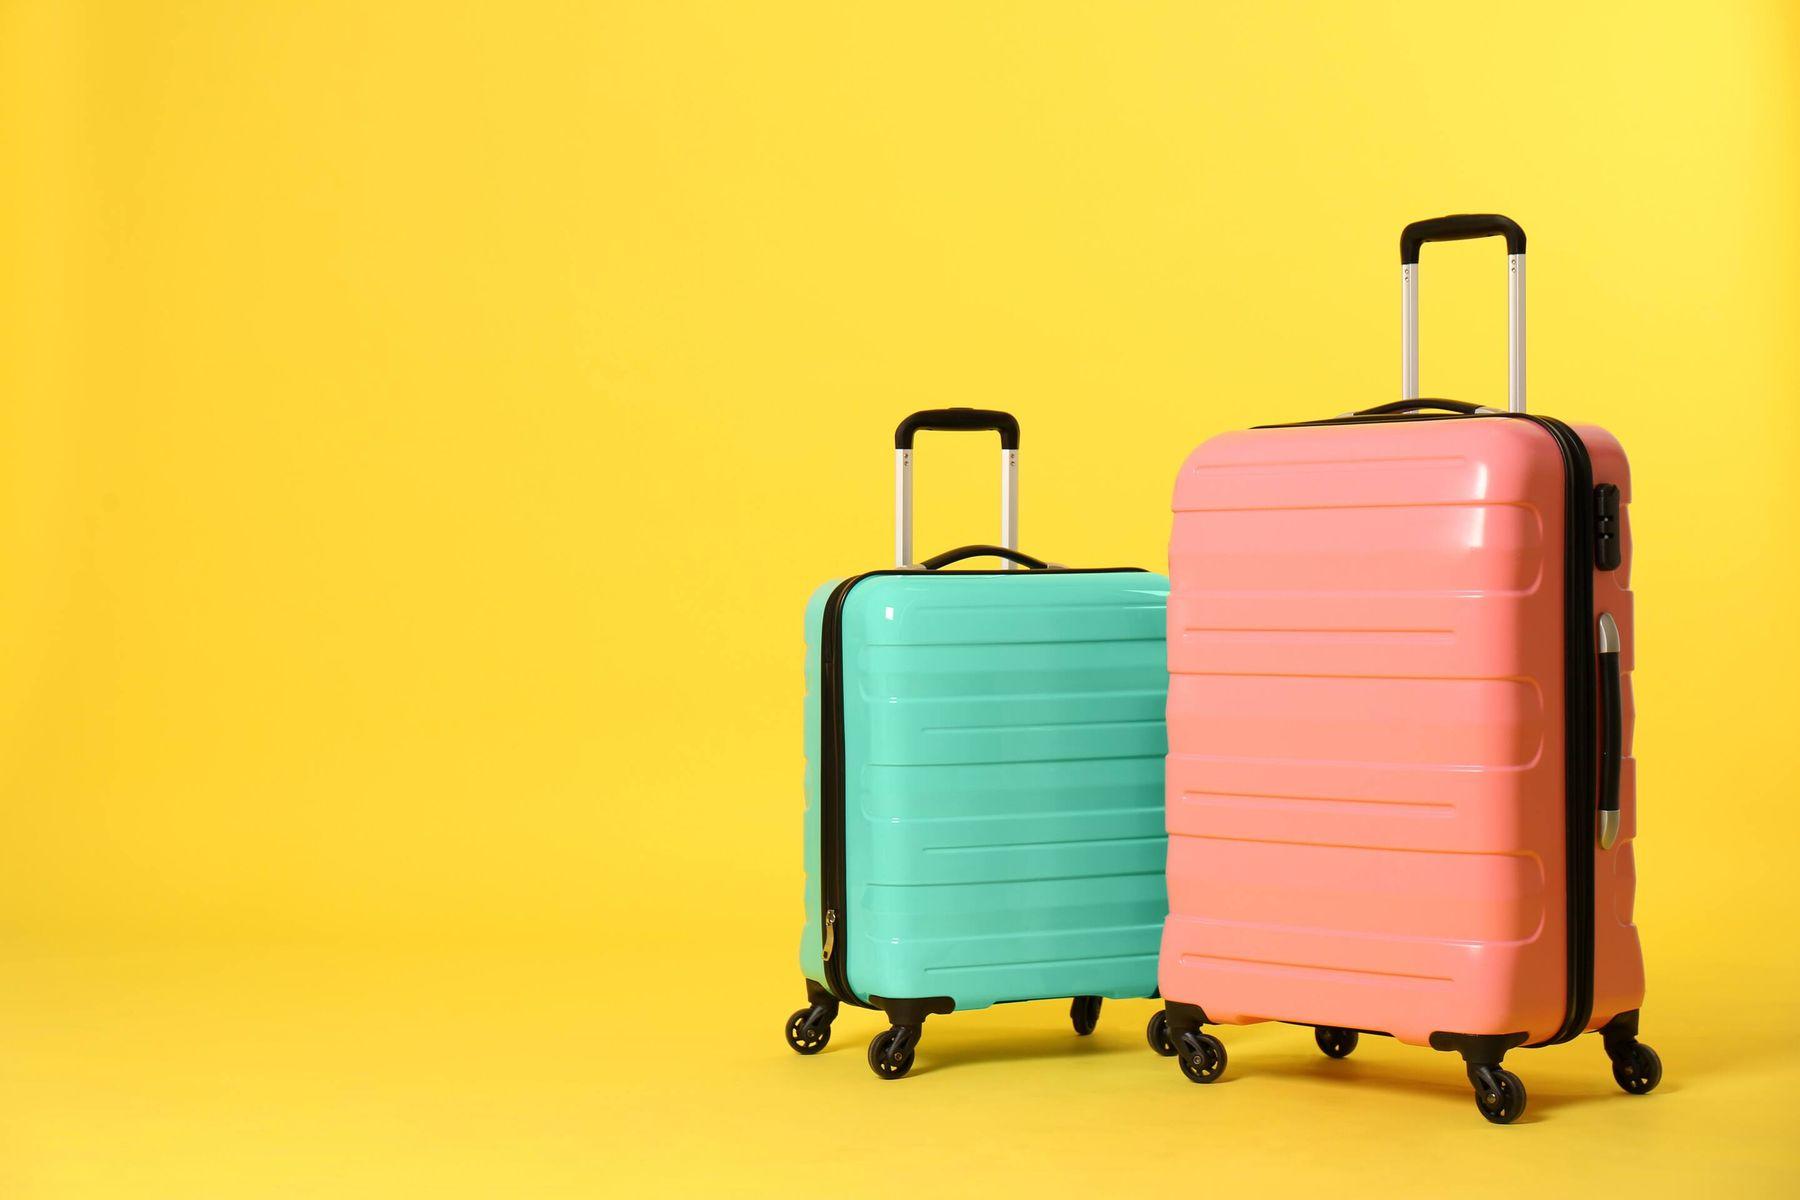 Mala grande de viagem cor de rosa ao lado de mala pequena verde sobre fundo amarelo